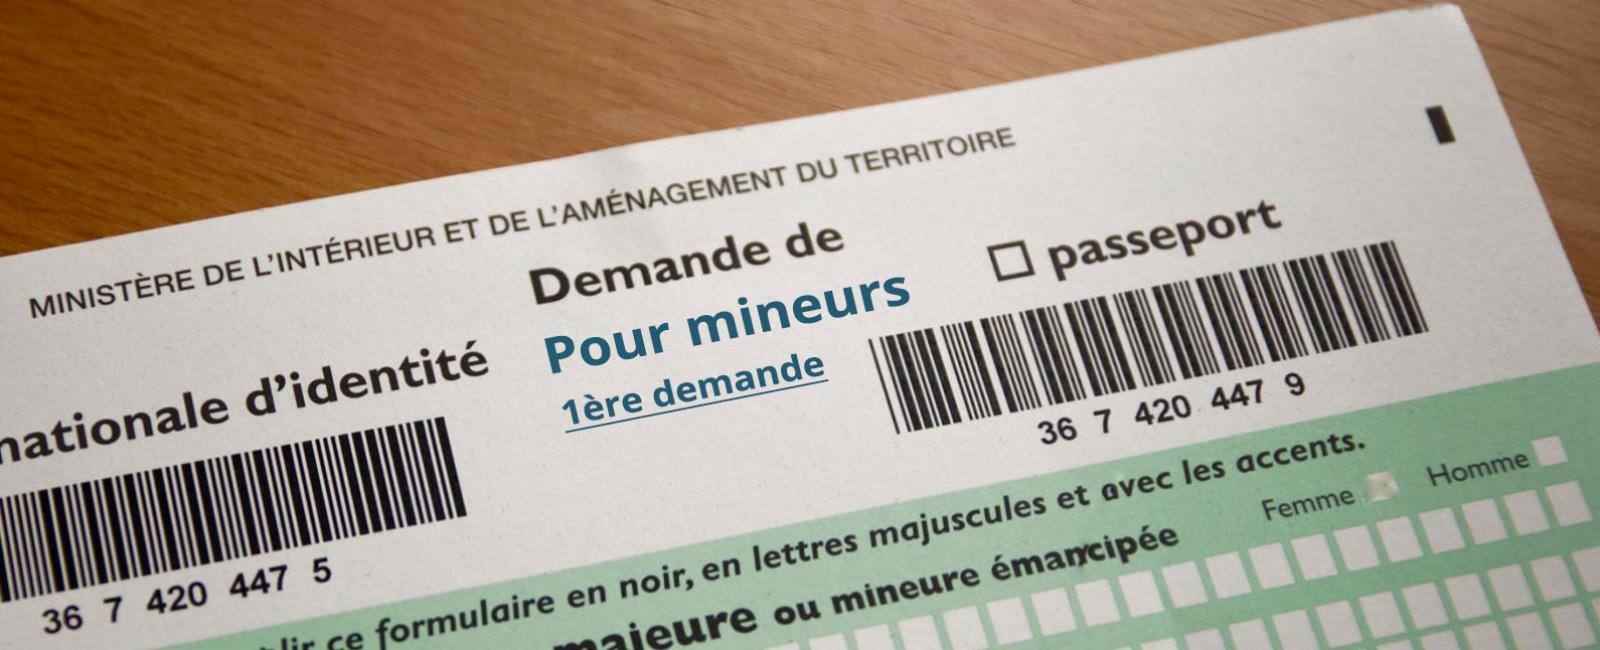 document carte d identité mineur Carte nationale d'identité d'un mineur : première demande | Ville